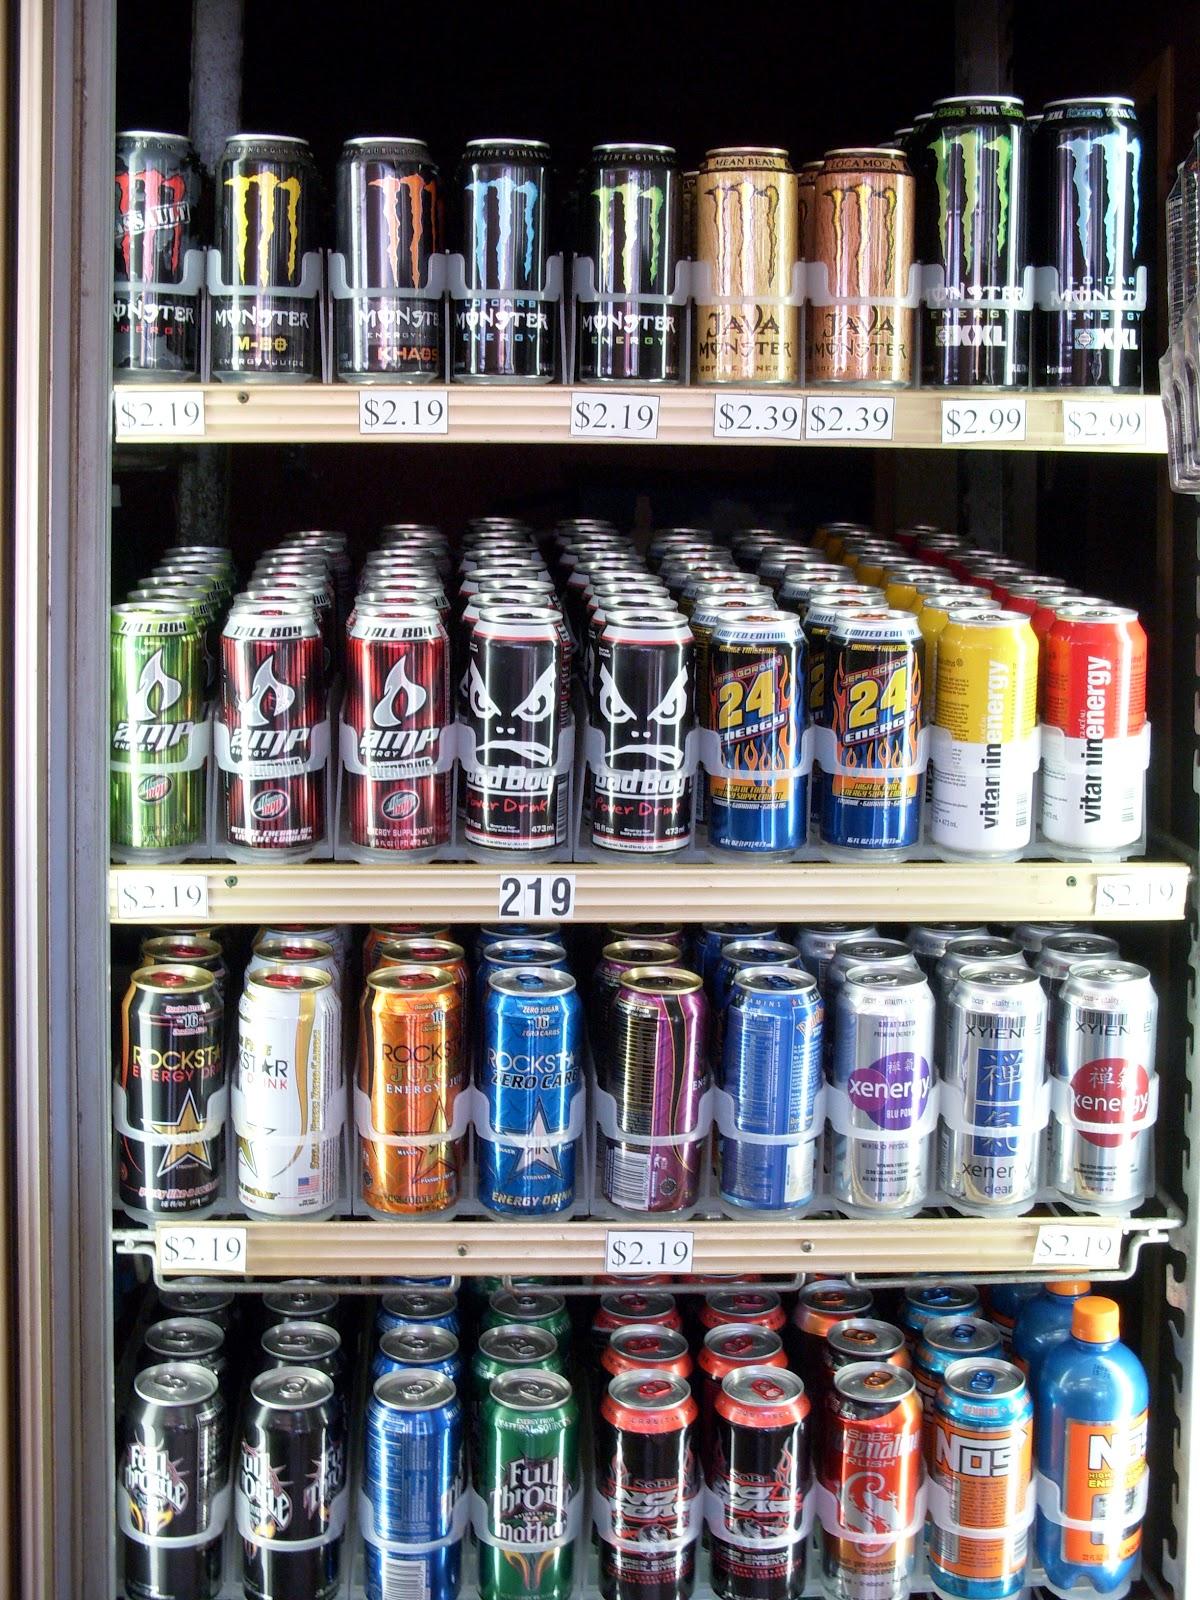 Thefugitiveinc The Energy Drink Wars Part Ii